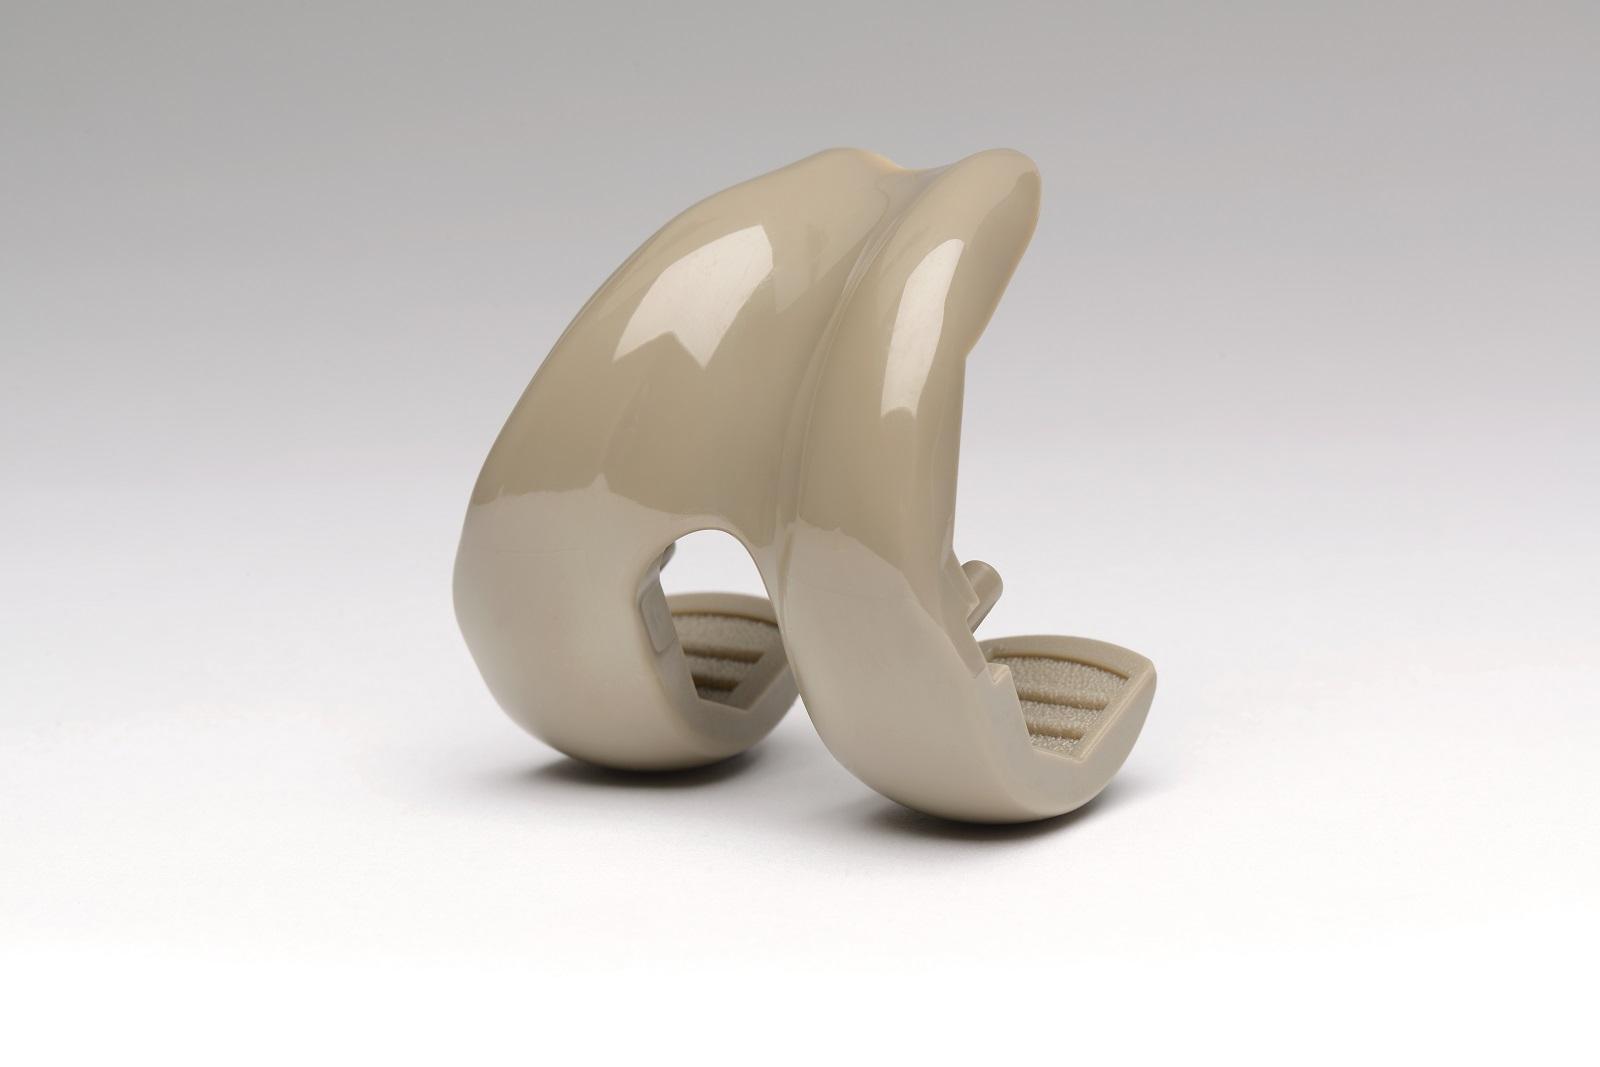 PEEK-OPTIMA Polymer Knee Implant